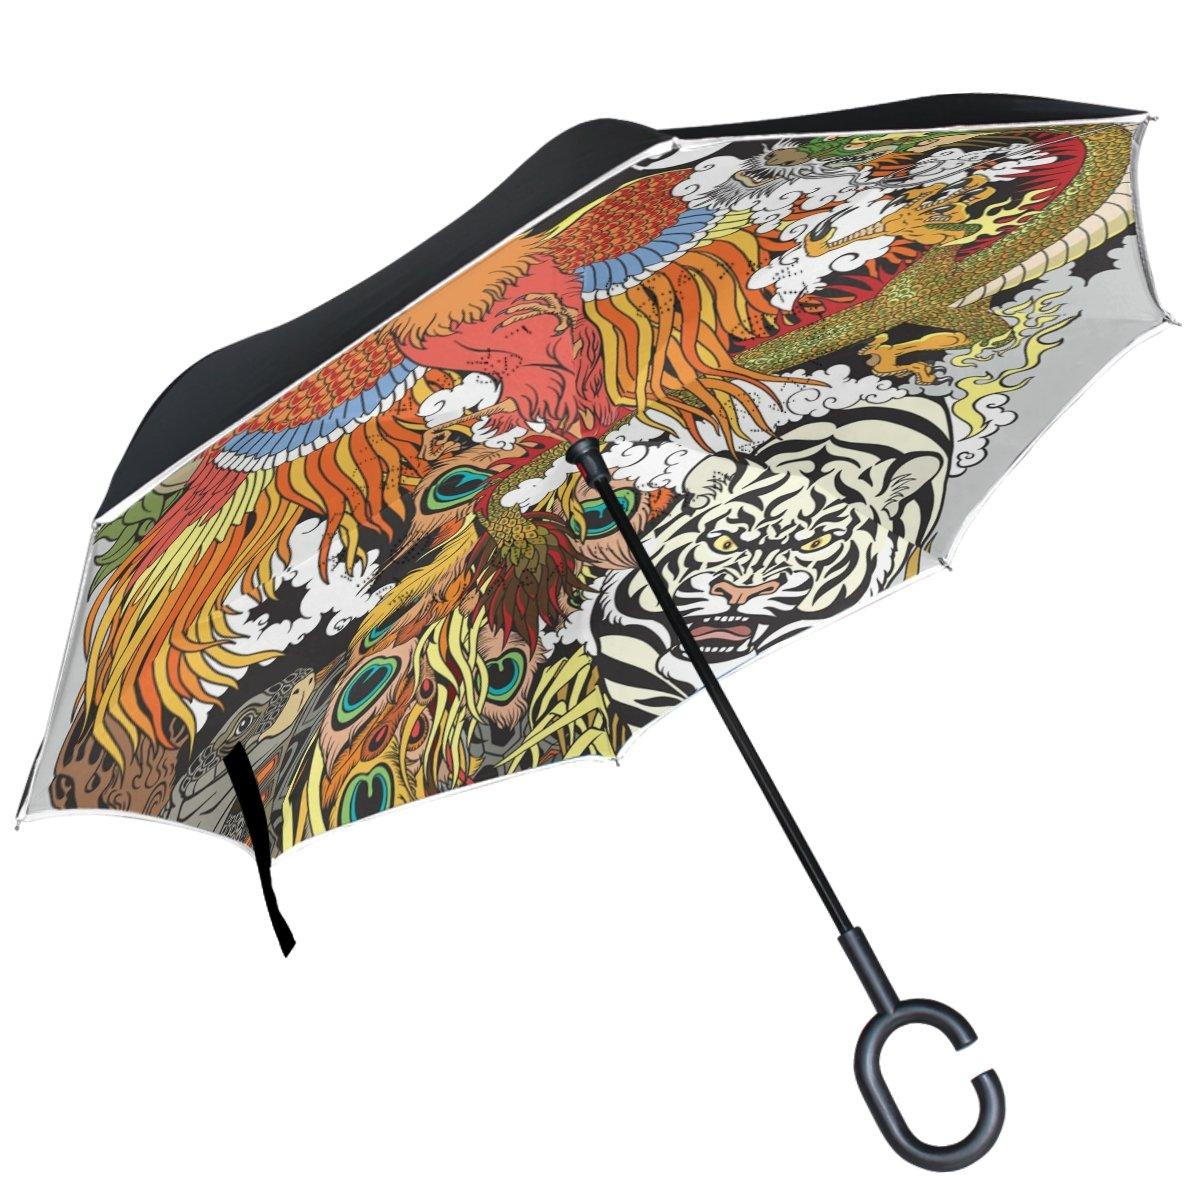 ALAZA céleste Animal Dragon Phoenix Tortue Tigre inversé Parapluie Double Couche Coupe-Vent Parapluie de l'envers